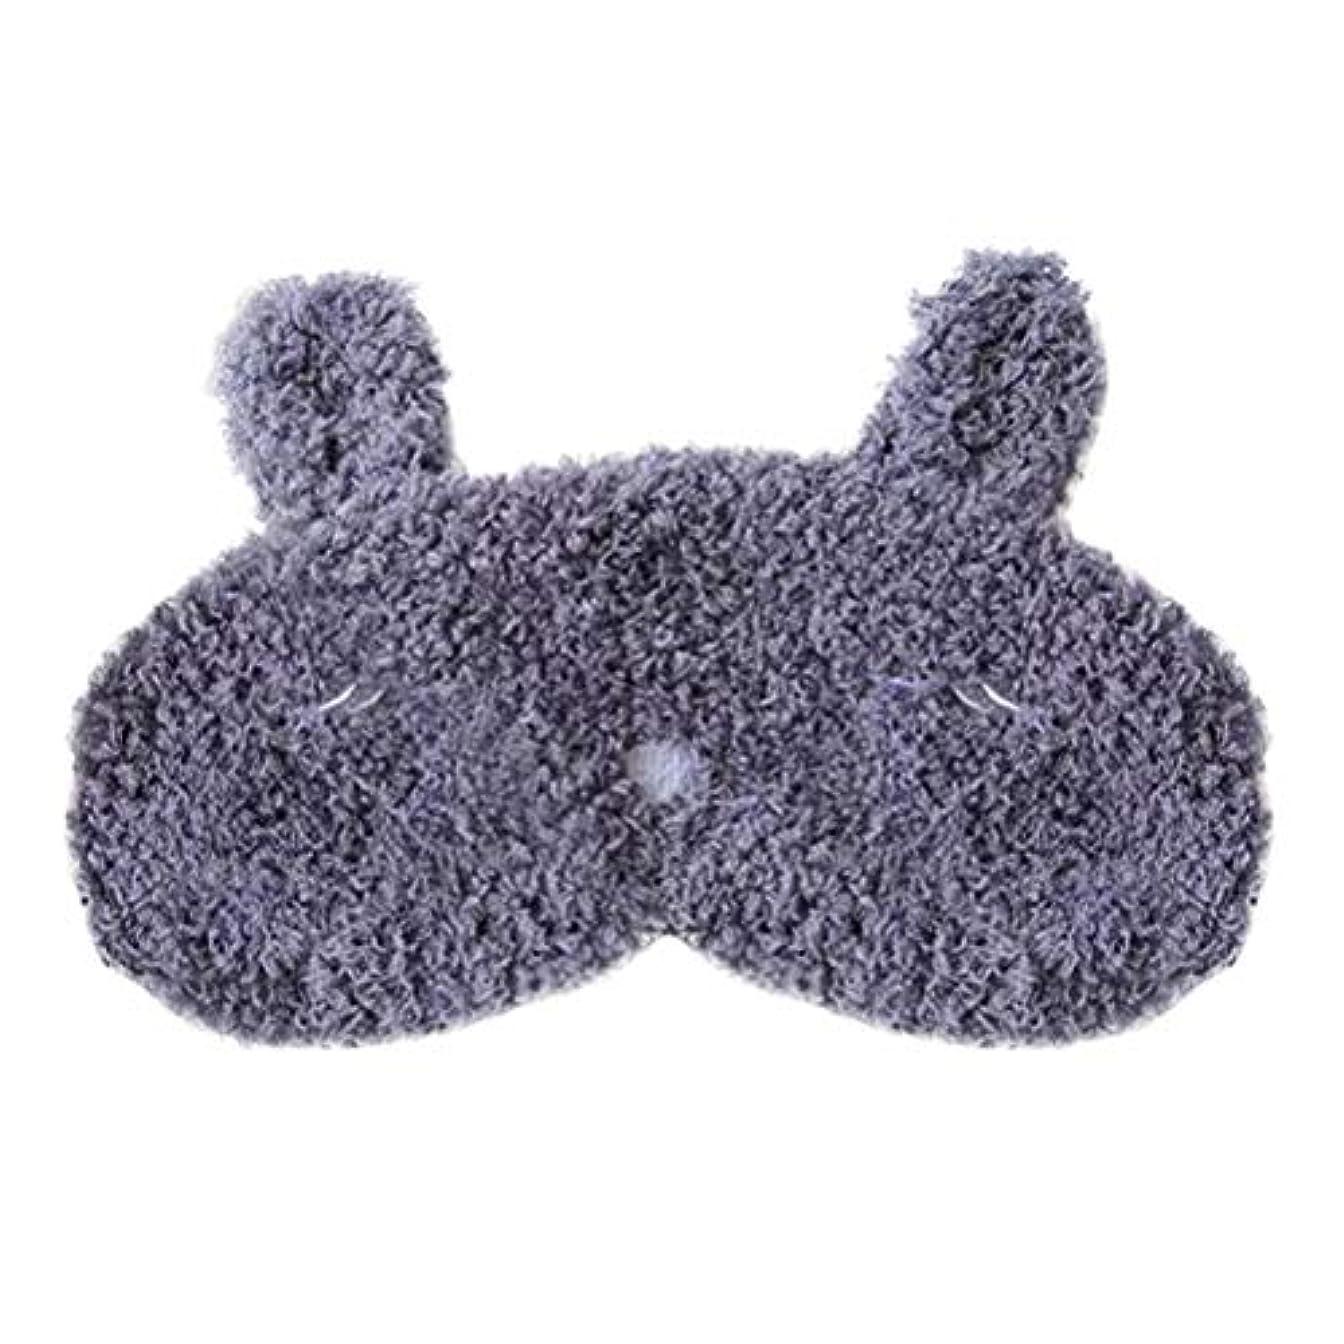 救出教えてカウントアップHEALIFTY かわいいアイマスクアイシェッドカーネーションアイマスクウサギのキャットアイパッチ(睡眠ニップ(ネイビー)